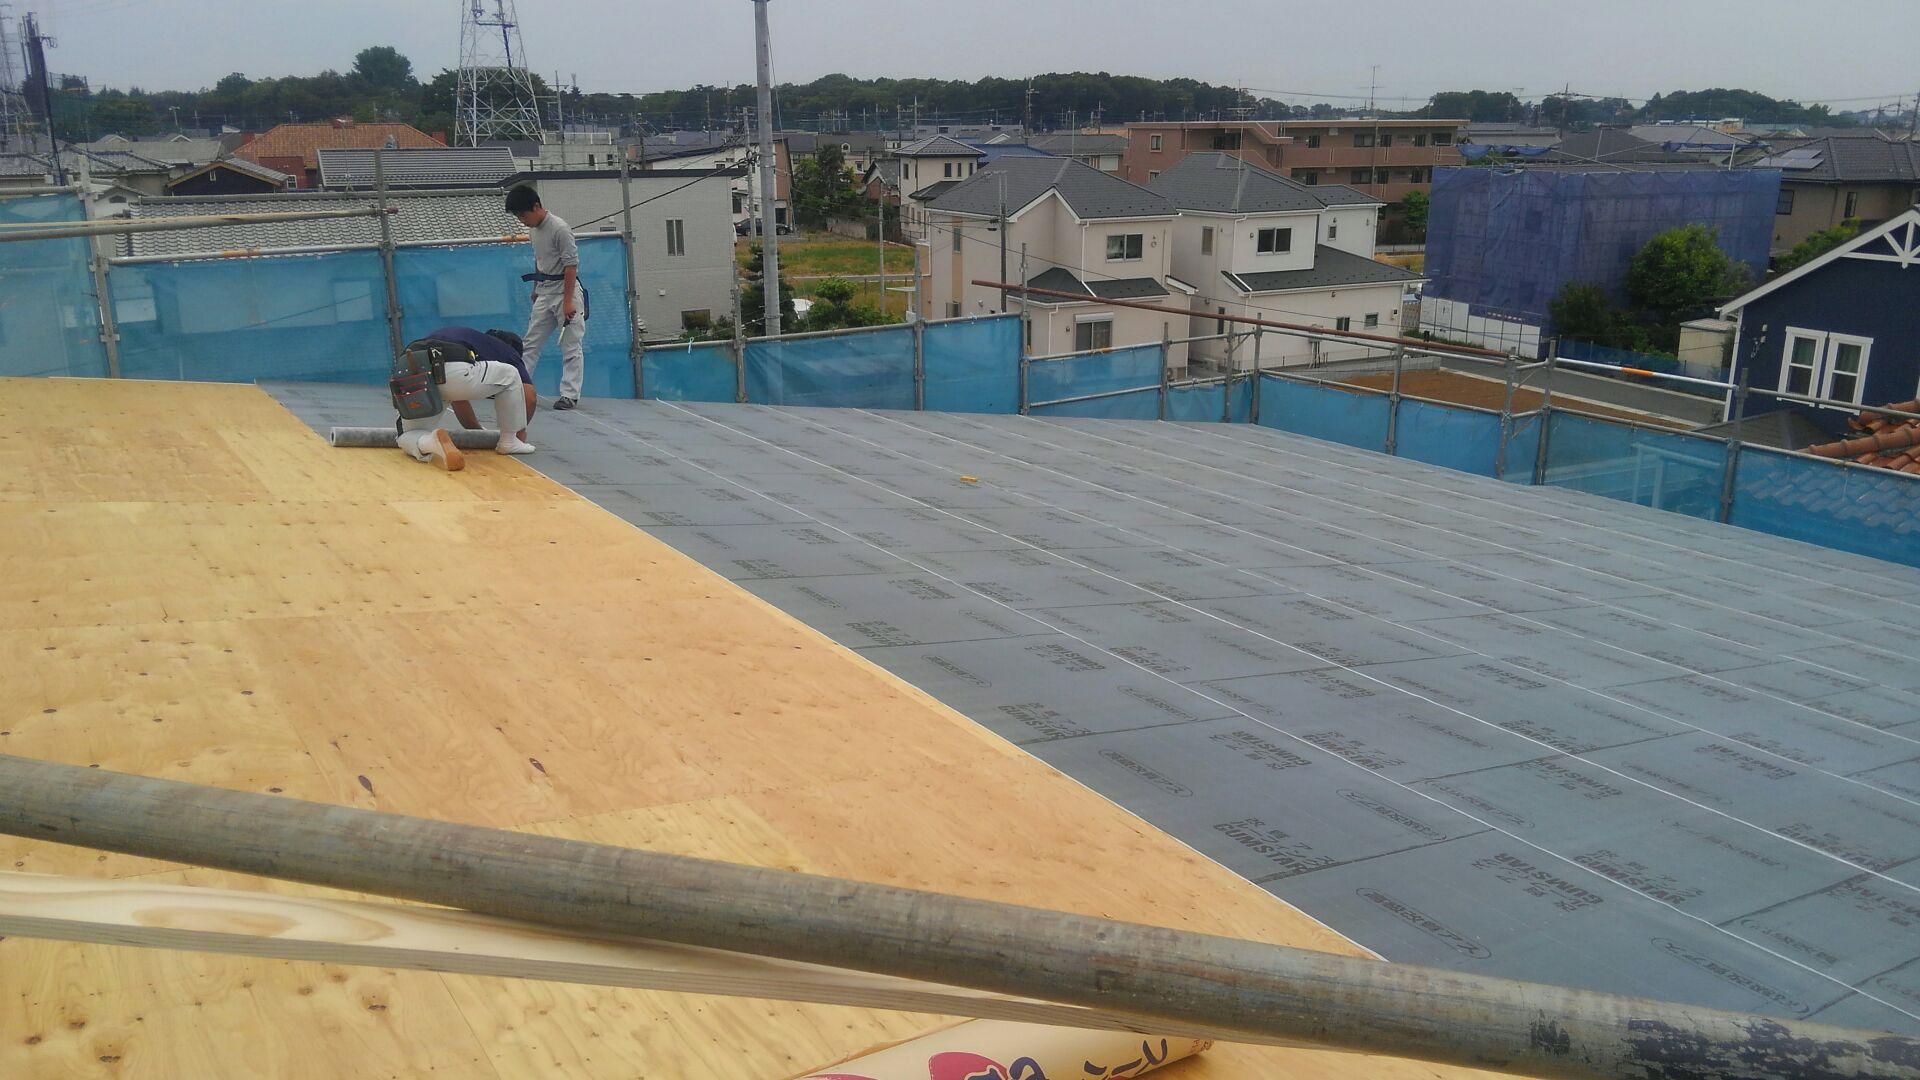 ゴムアスルーヒィングを敷いて、屋根下地が完成です。